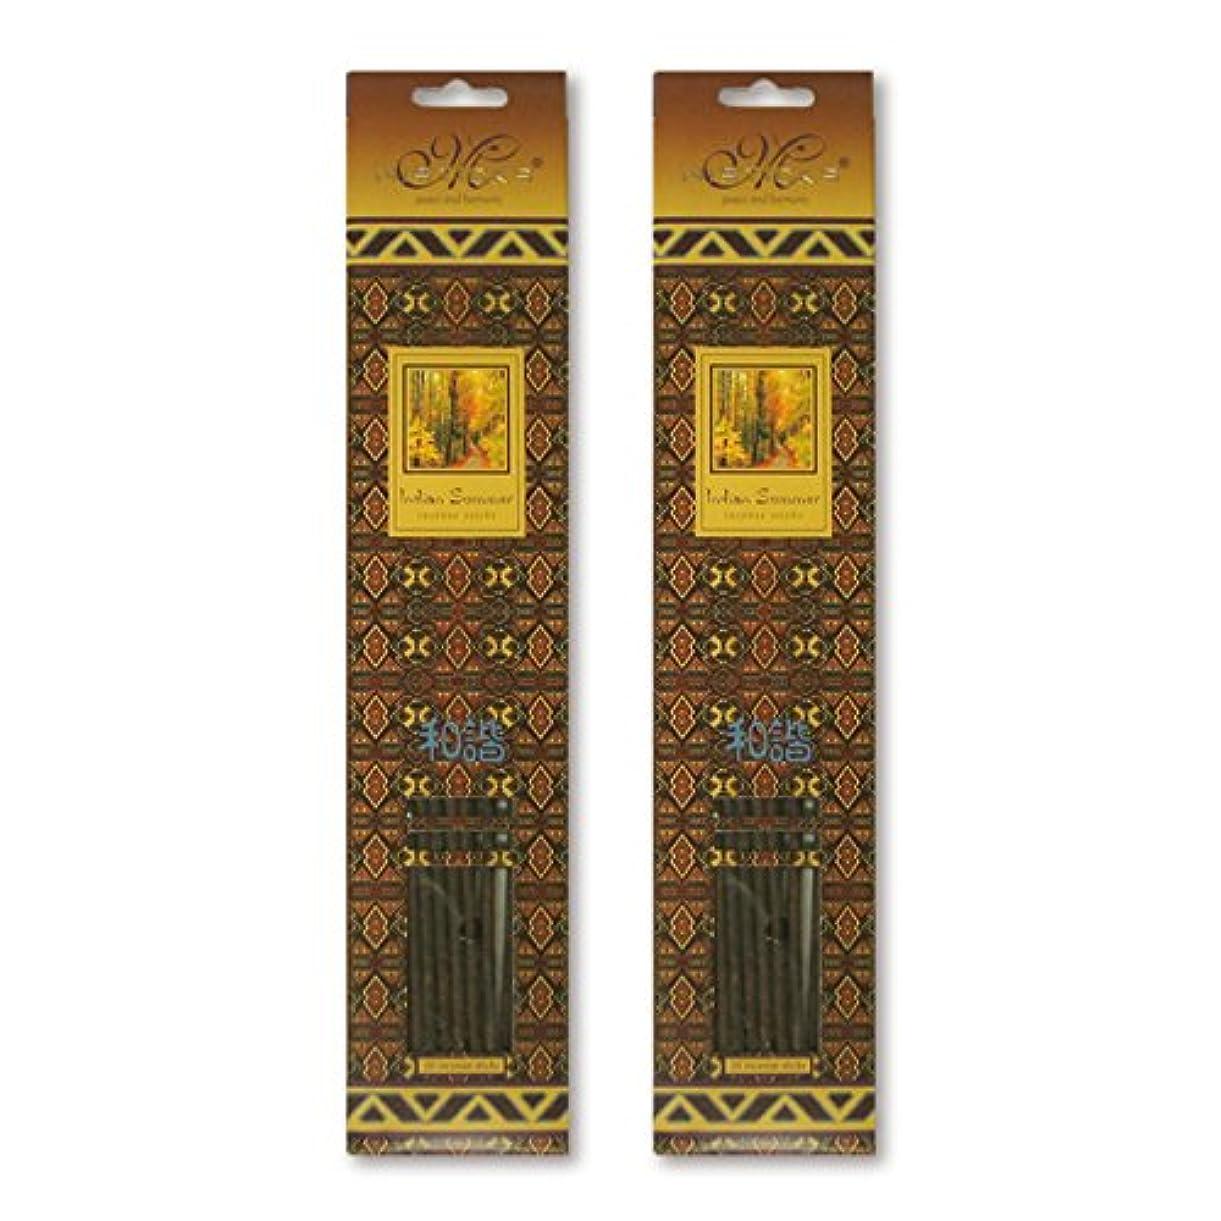 手つかずのそしてブルジョンMISTICKS ミスティックス Indian Summer インディアンサマー お香 20本 X 2パック (40本)